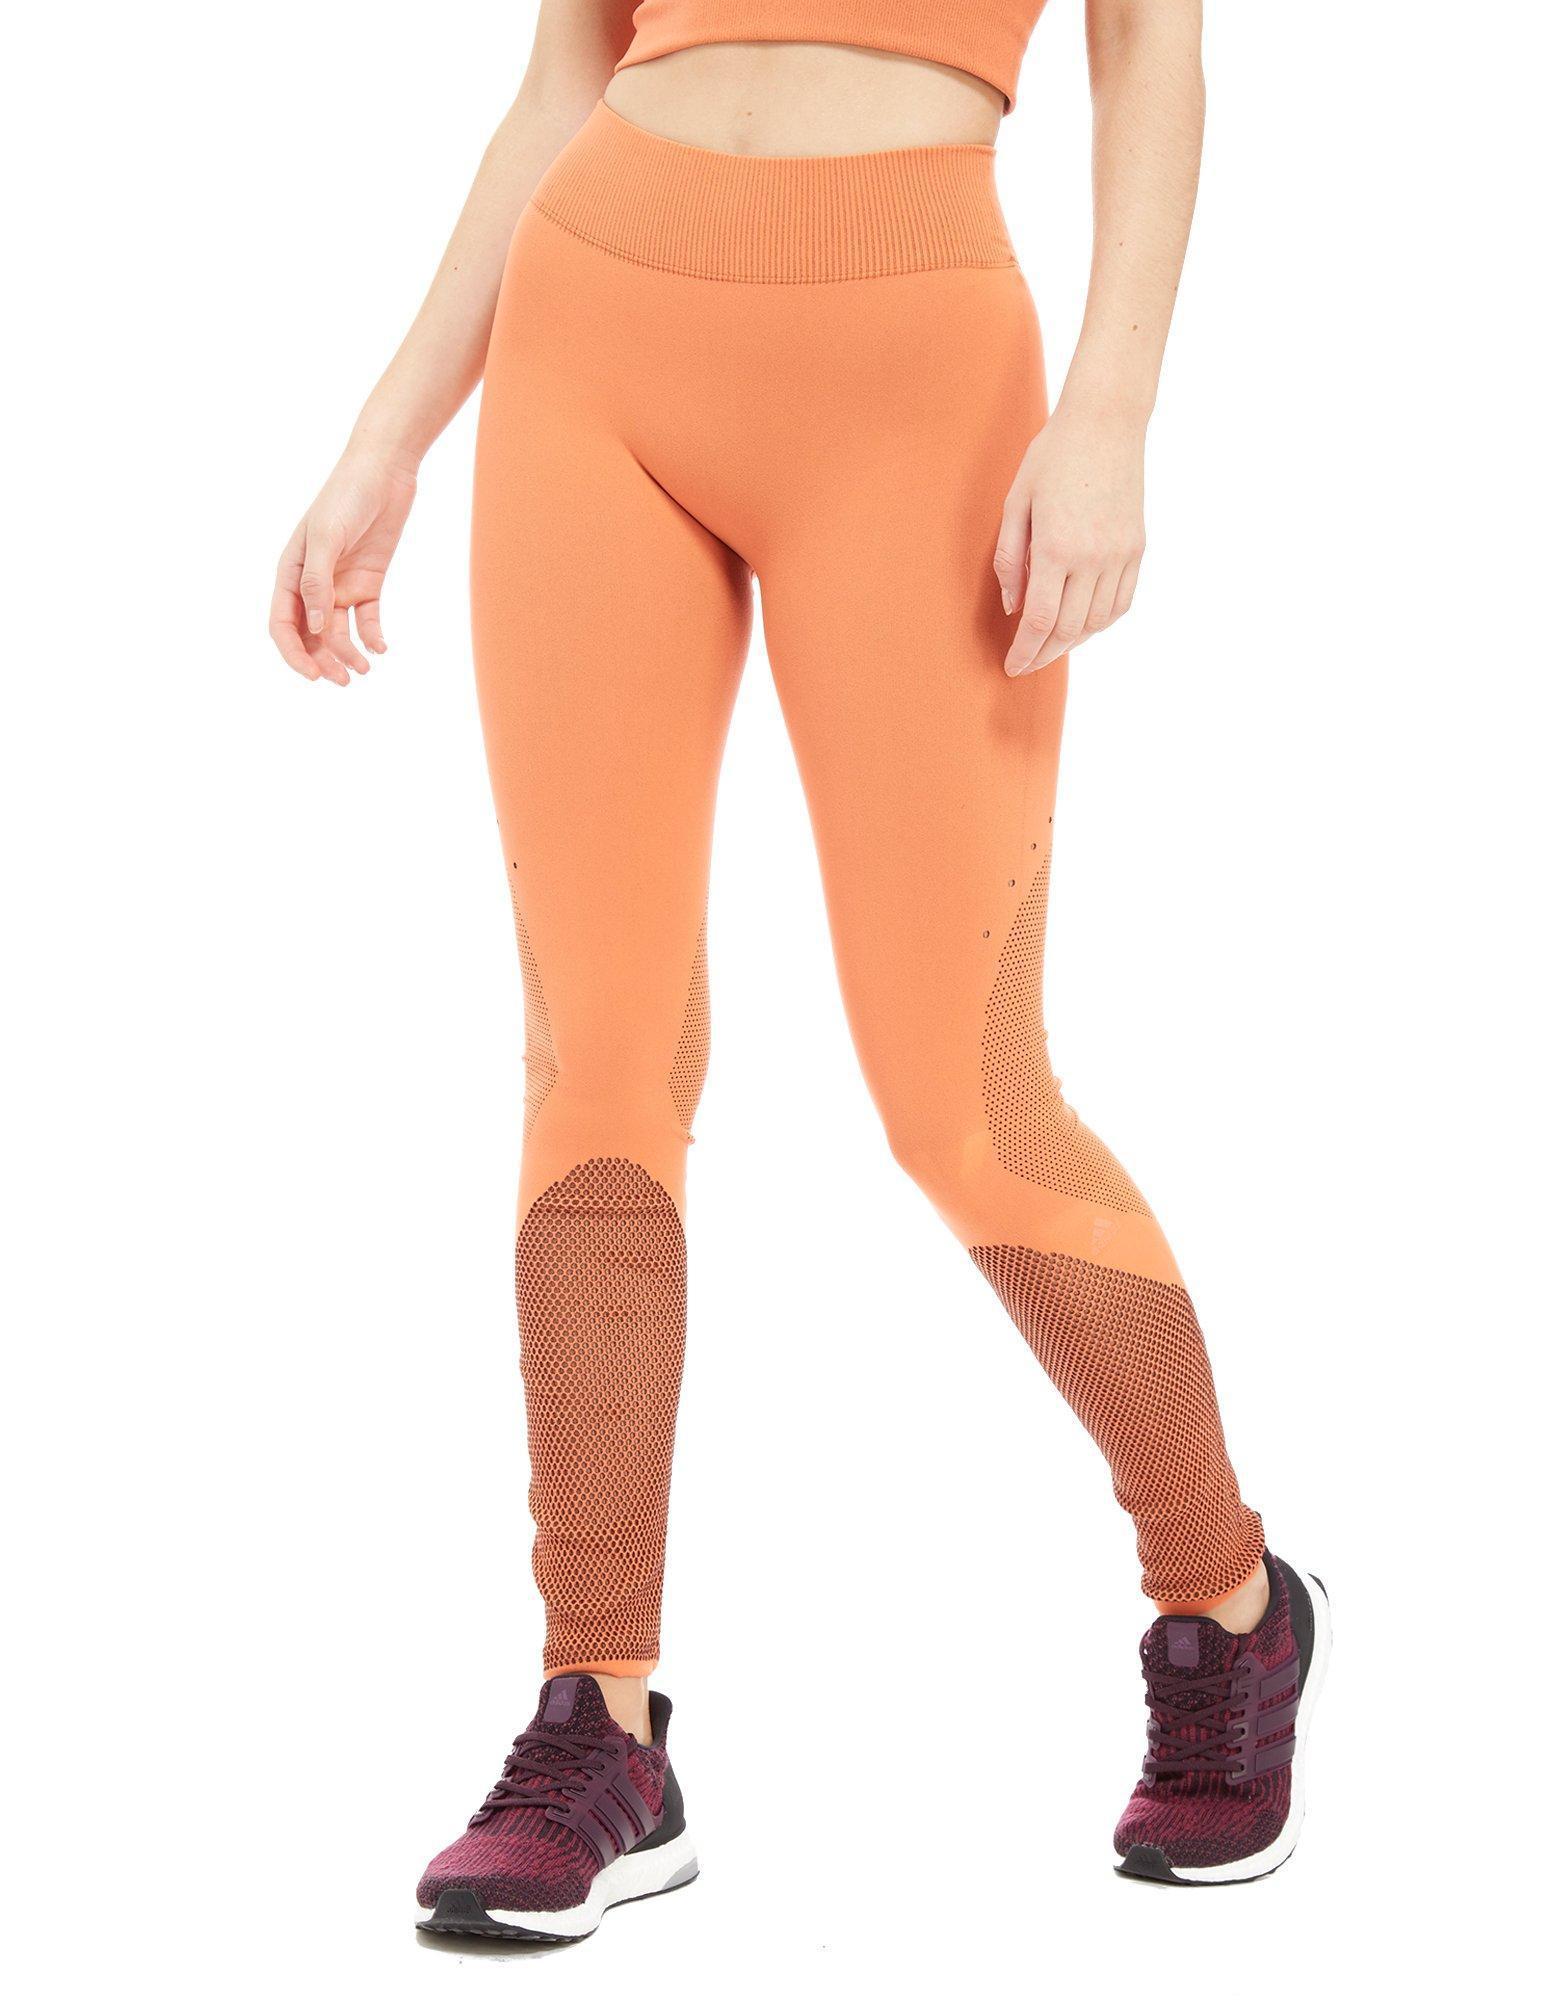 79eceb9c2e1dd adidas Warp Knit Tights in Orange - Lyst